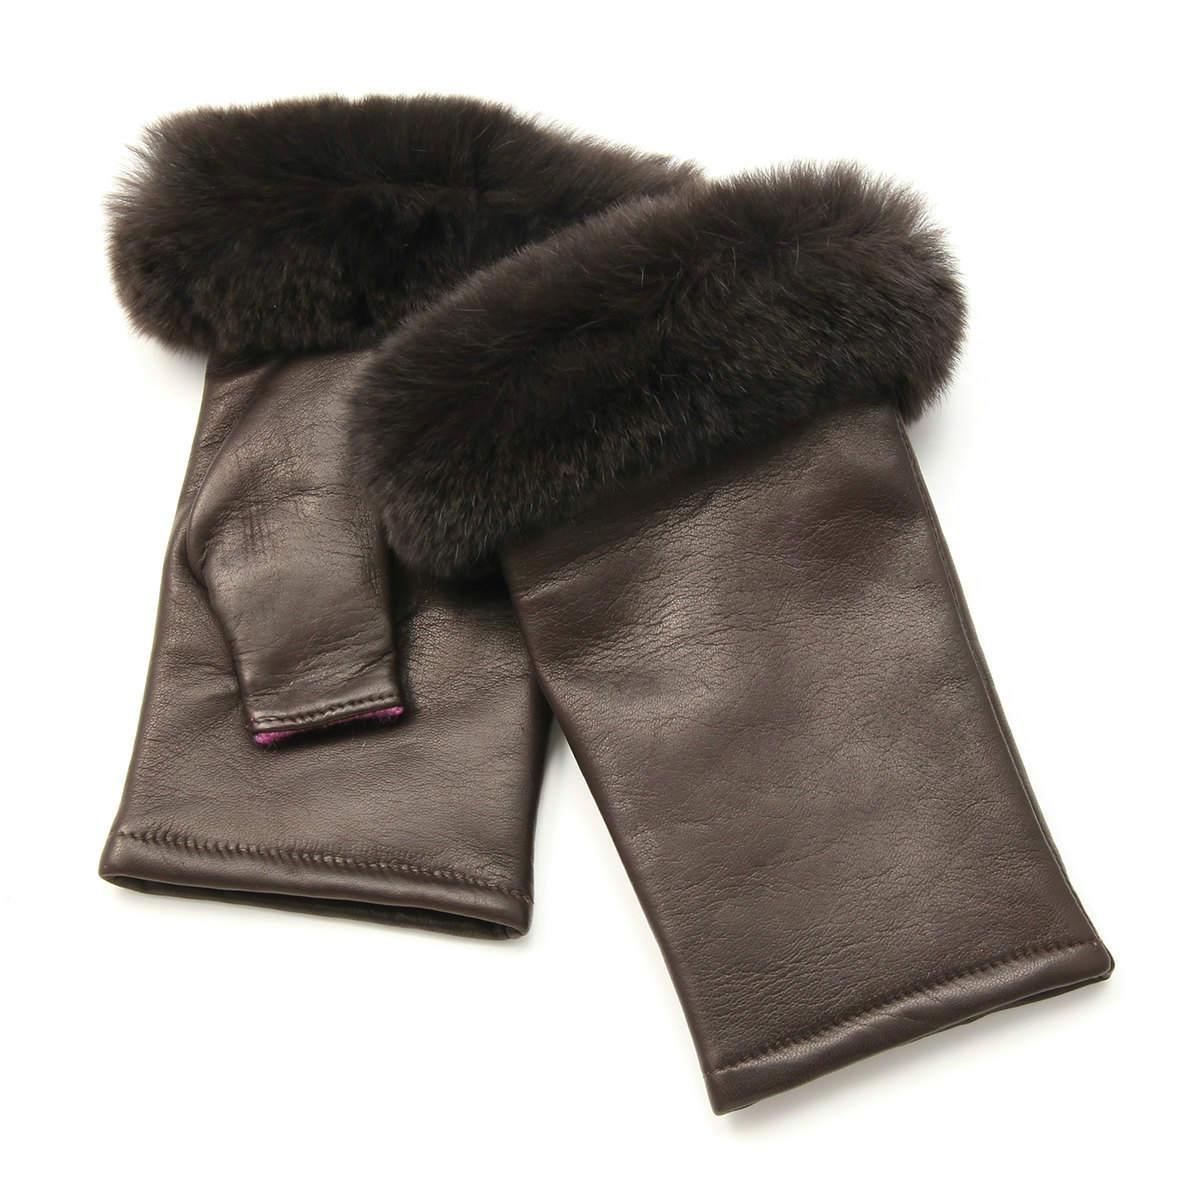 アルタクラッセ カプリガンティ 裏地カシミヤ100% レディース 指無し 裾レッキスファー付 エレガント 革手袋 Mサイズ 全3色